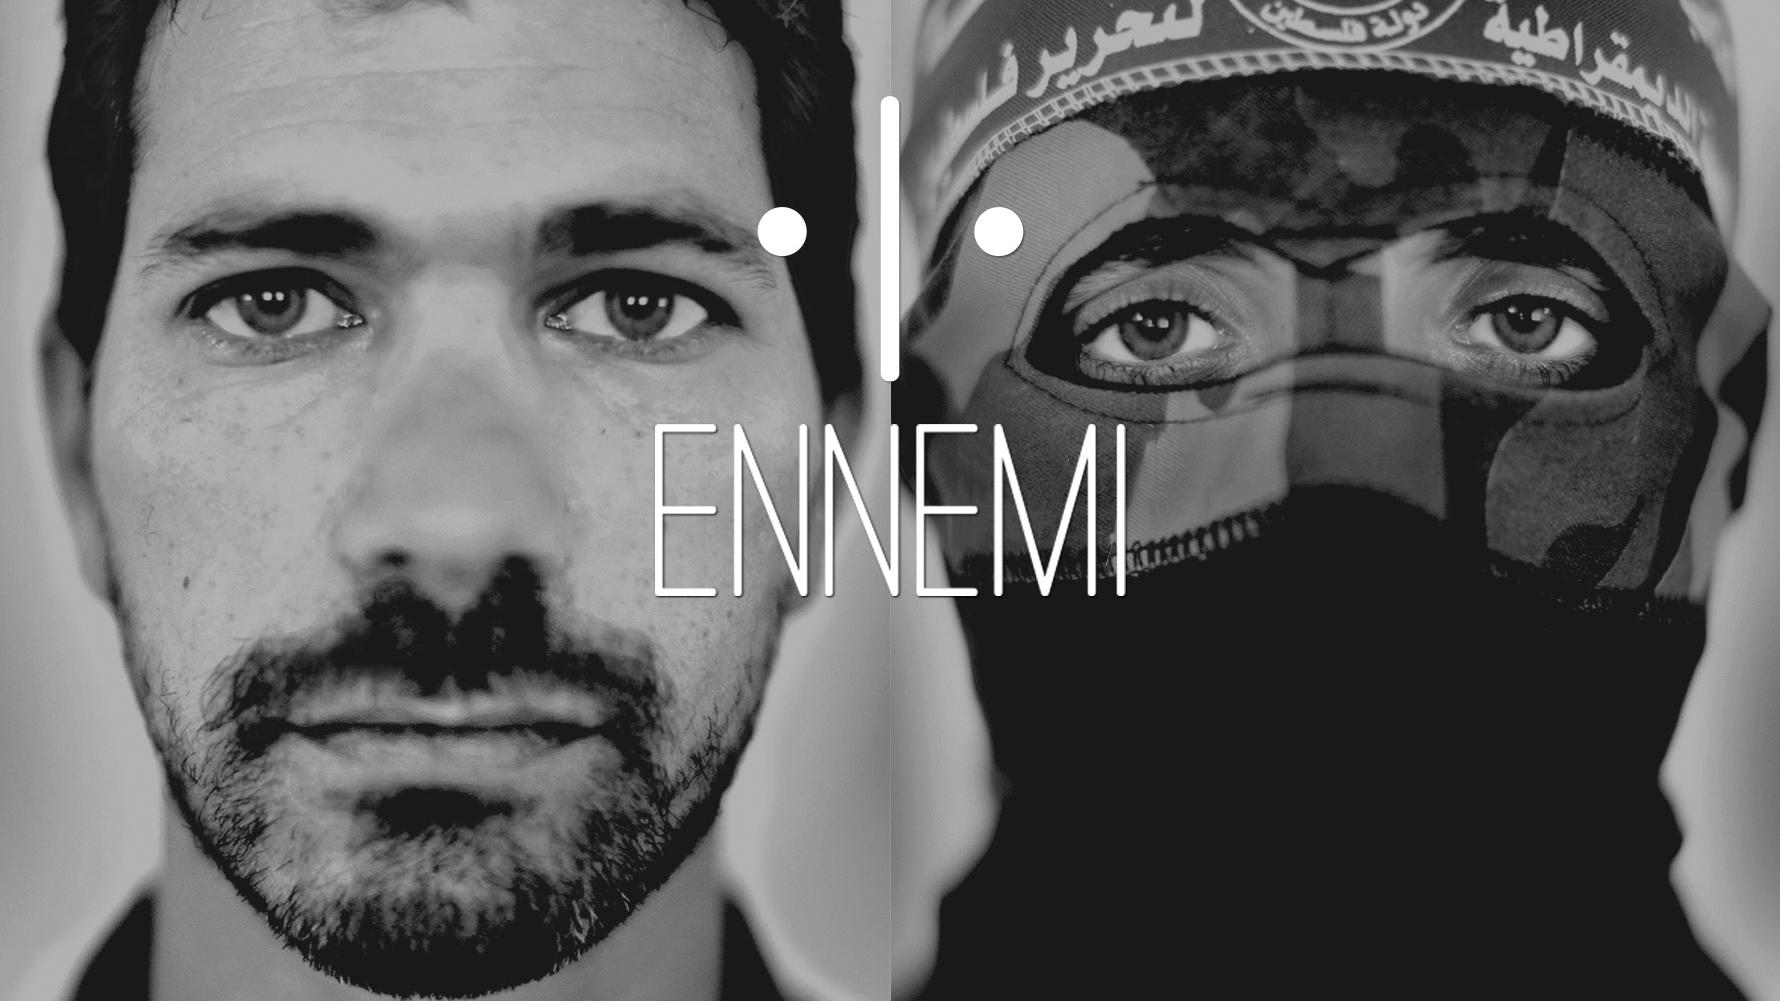 Deux ennemis du conflit Israël-Palestine se dévoilent au cours de l'expérience VR The Enemy